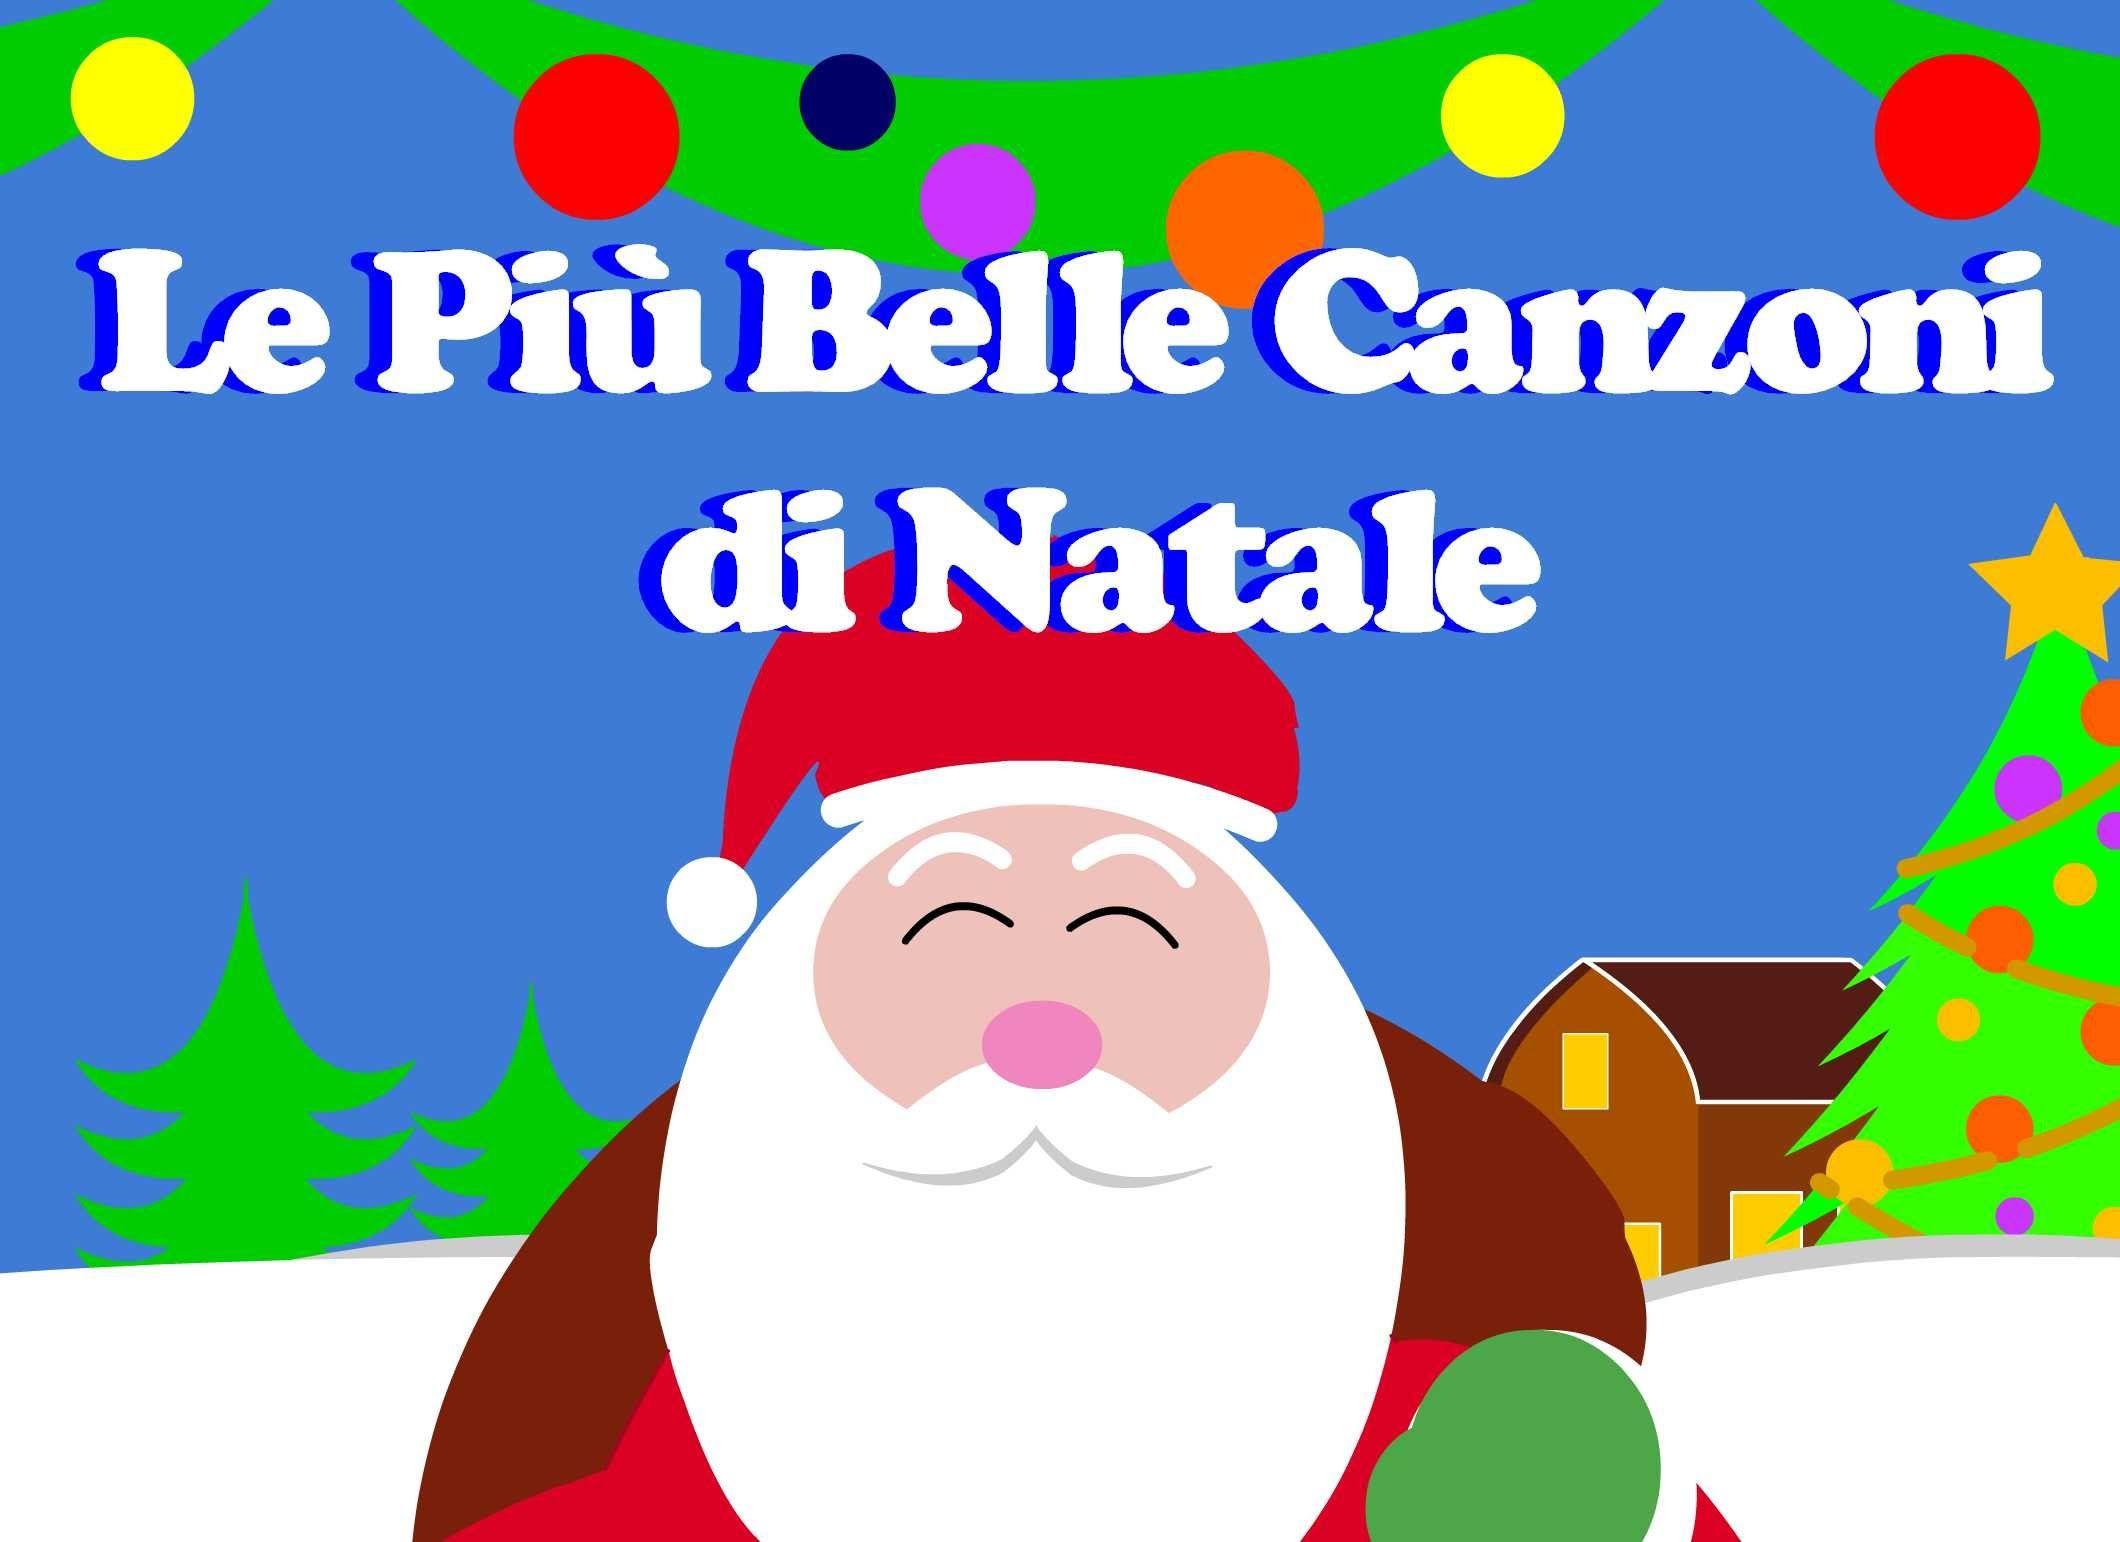 Buon Natale Buon Natale Canzone.Le Piu Belle Canzoni Di Natale Animate Buon Natale Merry